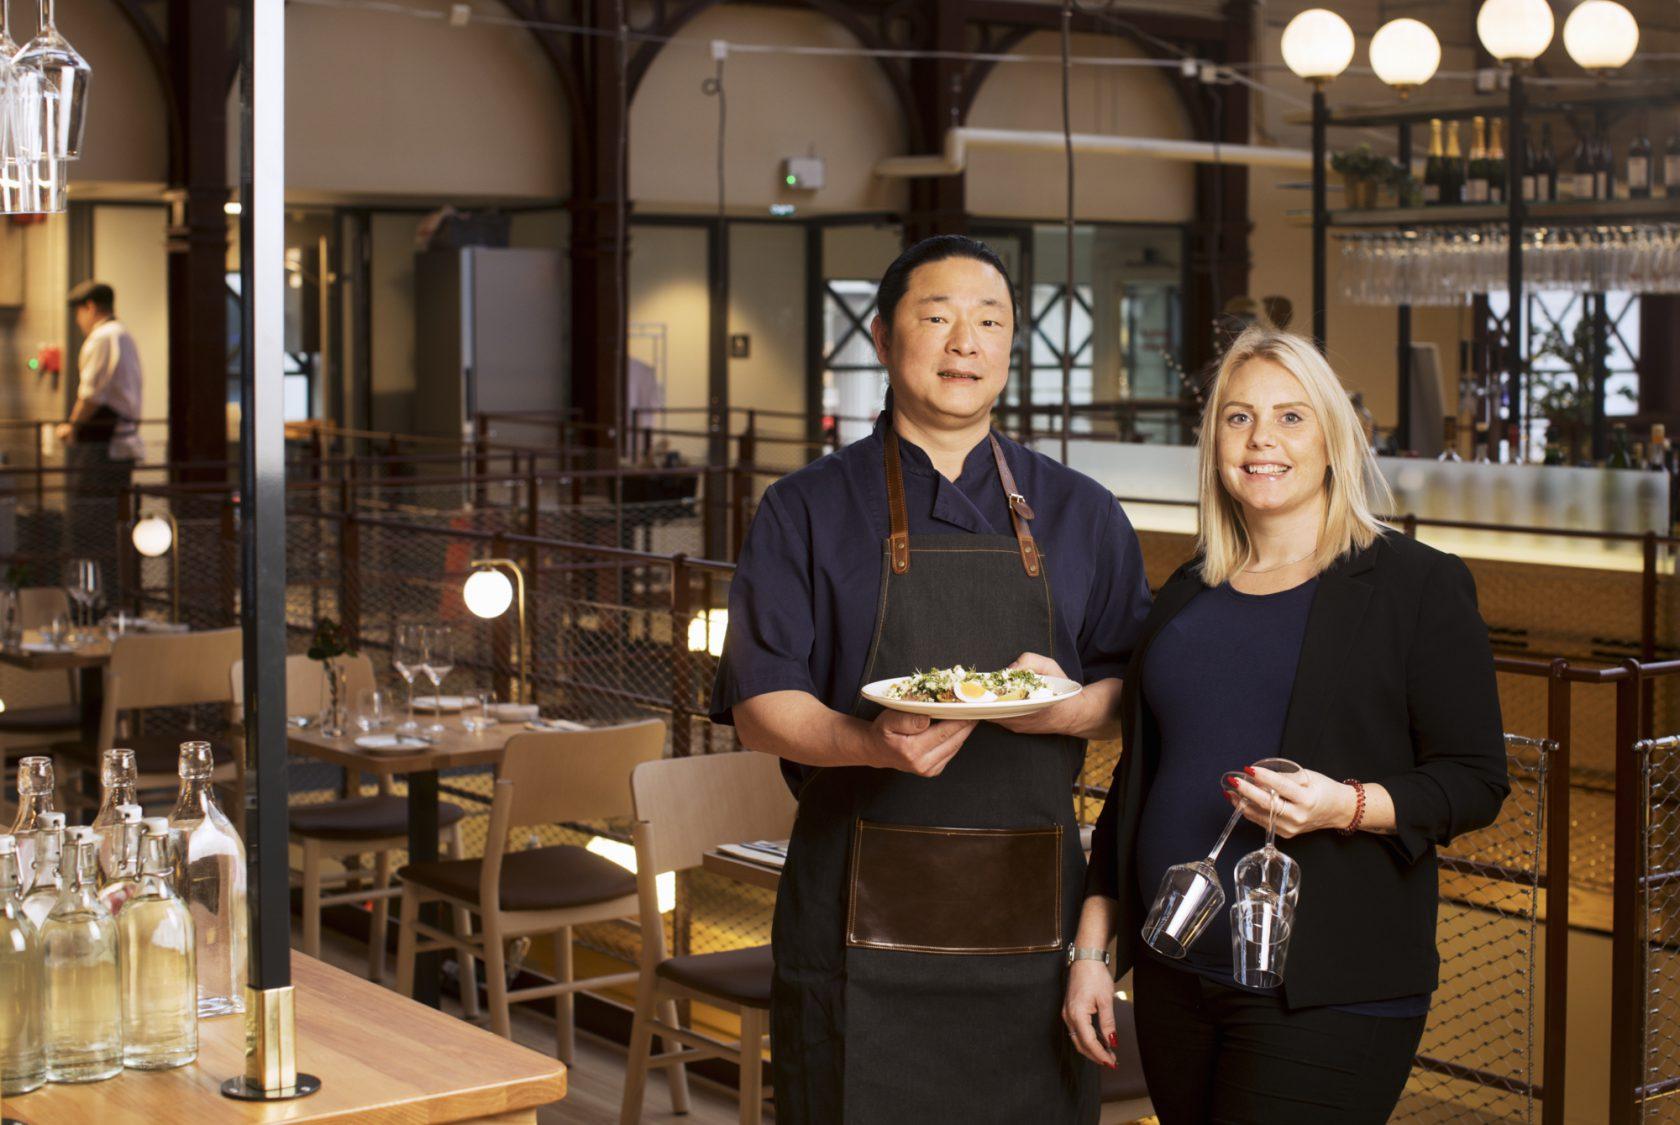 Restaurangpersonal står med en tallrik mat och två glas i handen.